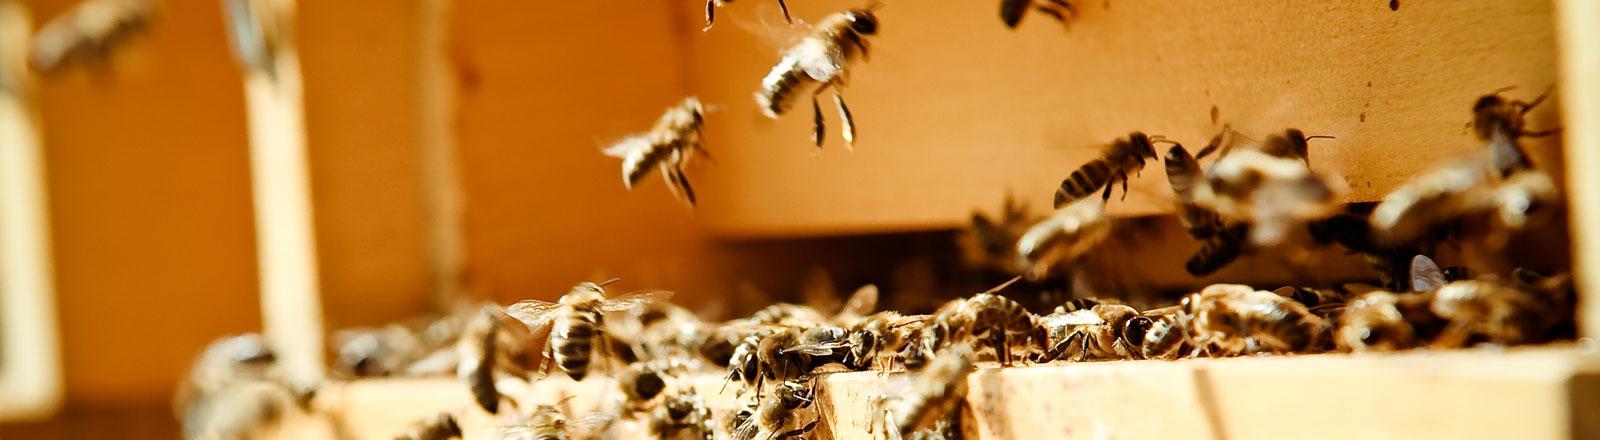 Bienen suchen einen Ort mit Löchern und Zwischenräumen